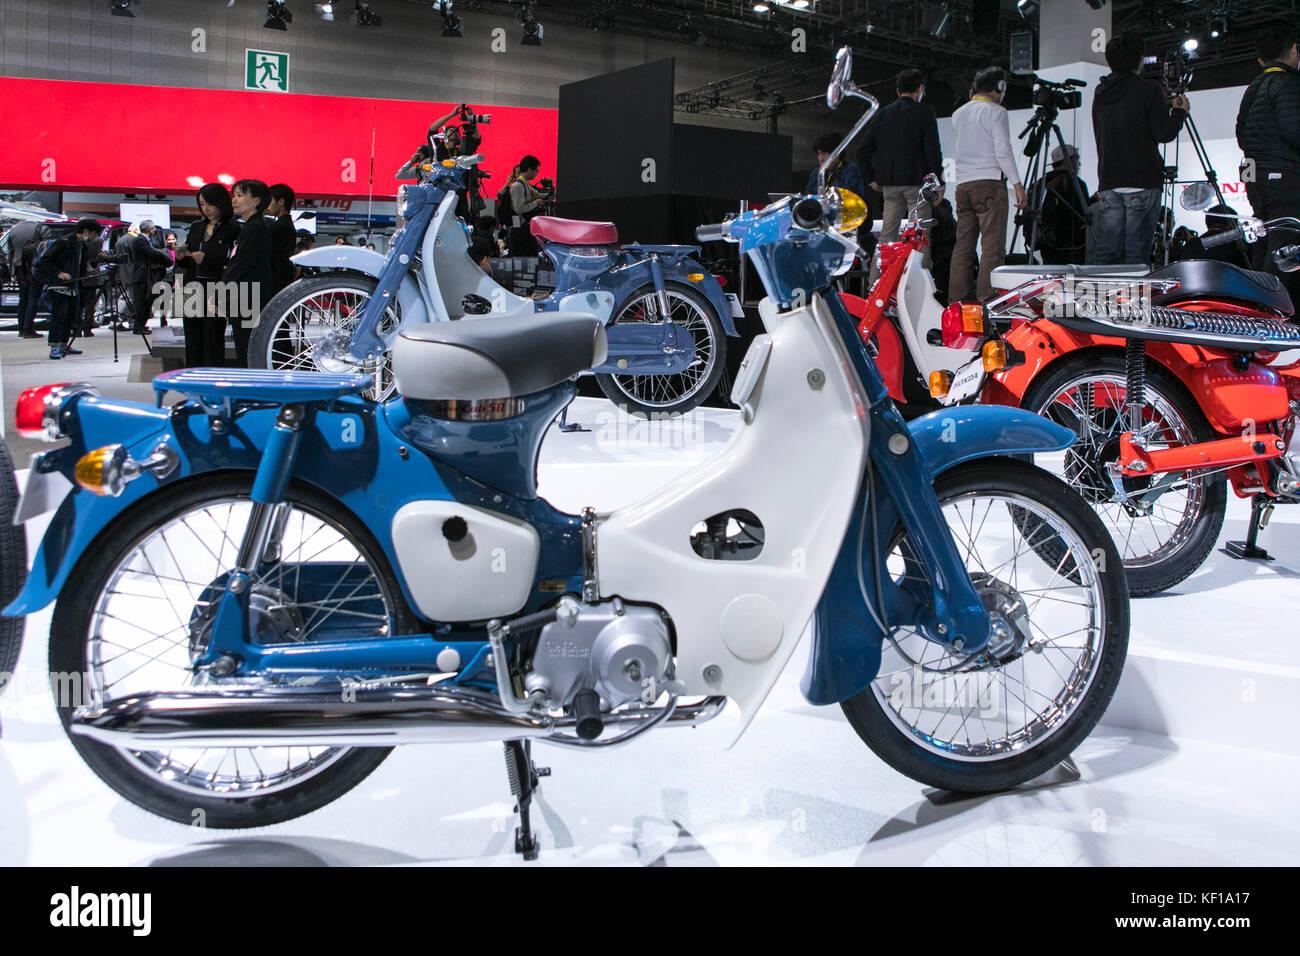 Hachigo stock photos hachigo stock images alamy for Honda motor company stock